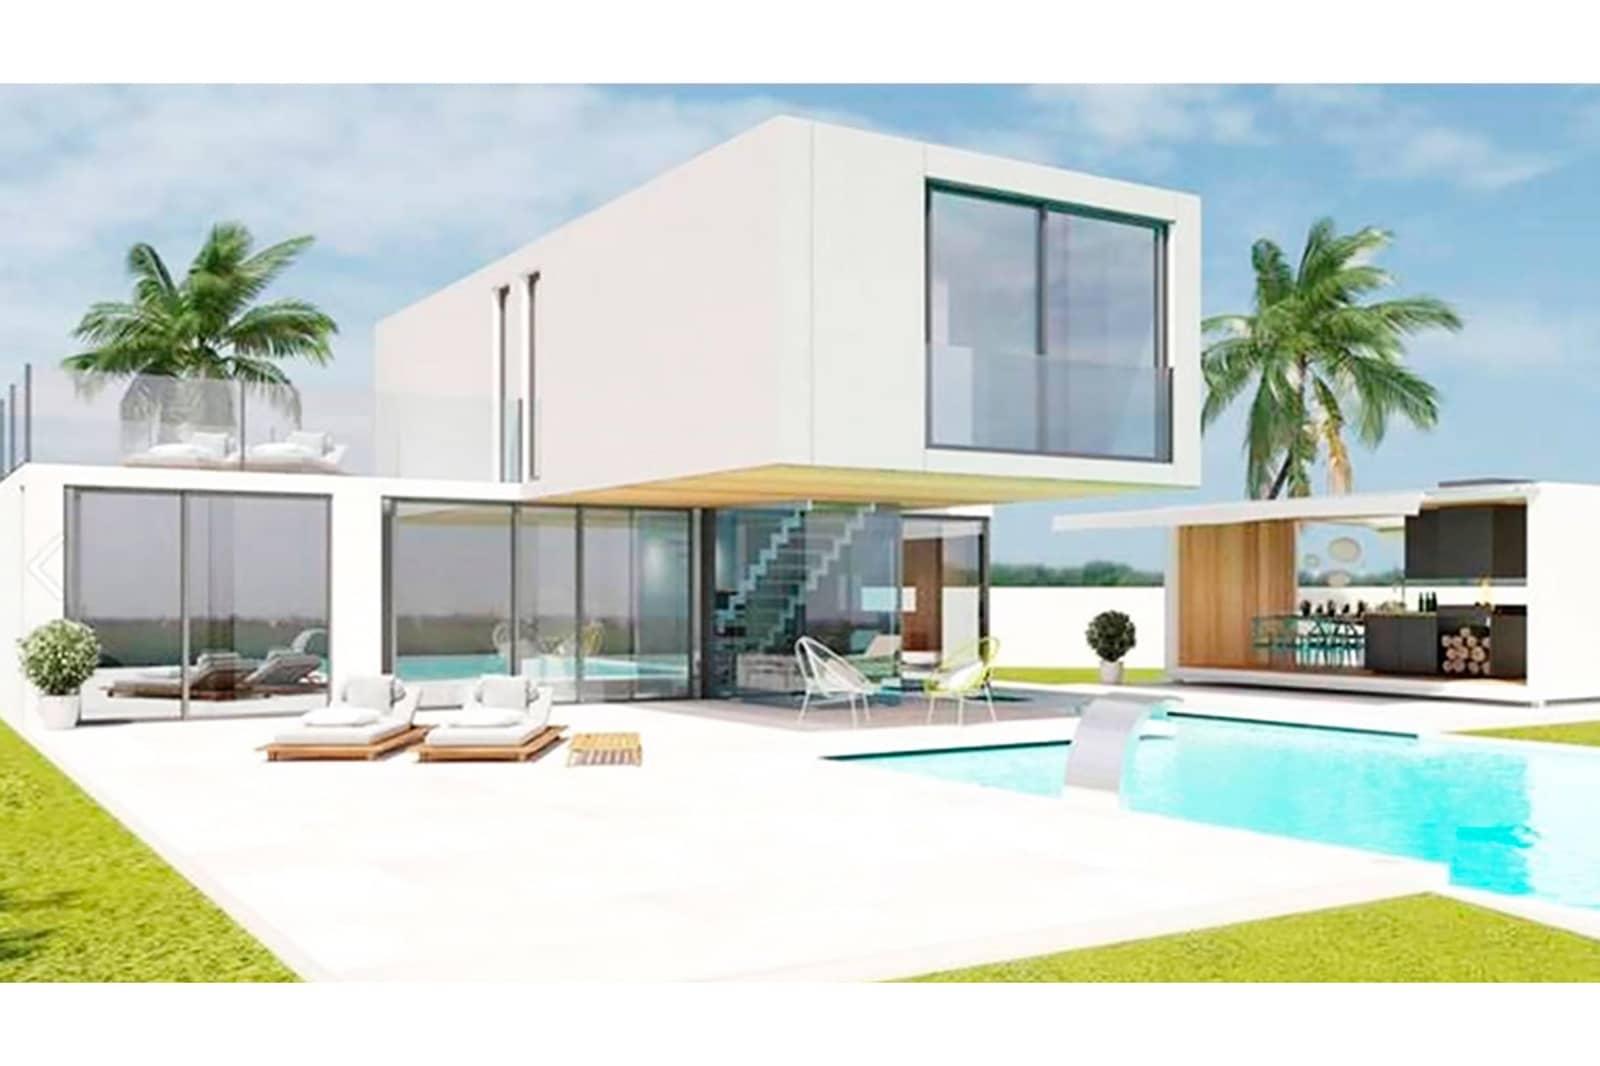 Chalet de 3 habitaciones en Polop en venta con piscina - 570.000 € (Ref: 4893584)